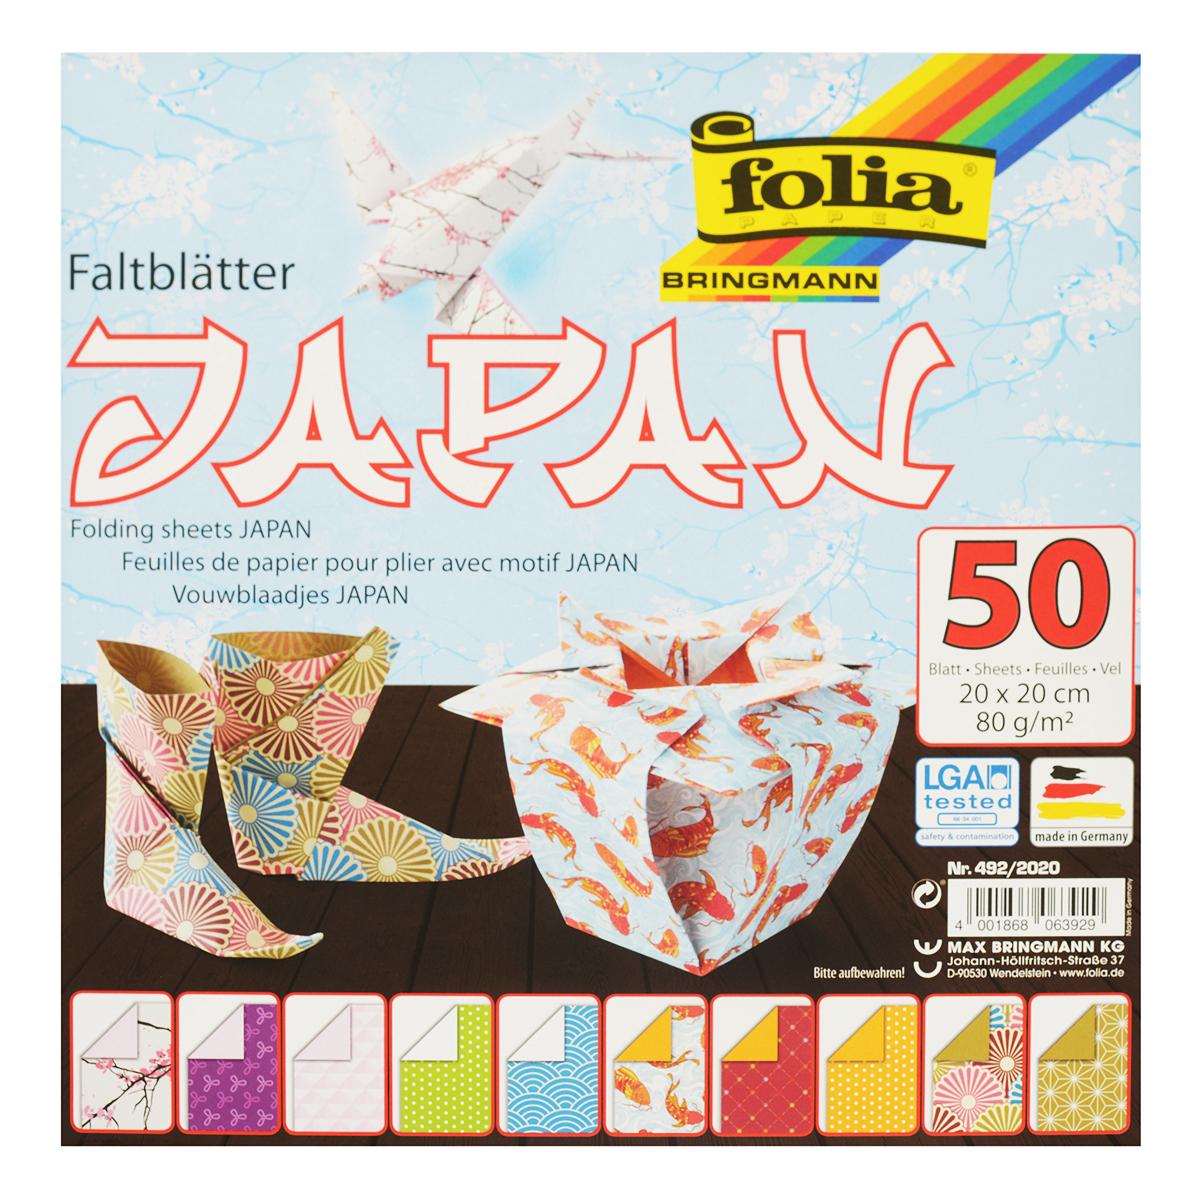 Бумага для оригами Folia Япония, цвет: сиреневый, голубой, желтый, 15 см х 15 см, 50 листов7708026Набор специальной цветной двусторонней бумаги для оригами Folia Япония содержит 50 листов разных цветов, которые помогут вам и вашему ребенку сделать яркие и разнообразные фигурки. В набор входит бумага десяти разных дизайнов. С одной стороны - бумага однотонная, с другой - оформлена оригинальными узорами и орнаментами. Эти листы можно использовать для оригами, украшения для садового подсвечника или для создания новогодних звезд. При многоразовом сгибании листа на бумаге не появляются трещины, так как она обладает очень высоким качеством. Бумага хорошо комбинируется с цветным картоном.За свою многовековую историю оригами прошло путь от храмовых обрядов до искусства, дарящего радость и красоту миллионам людей во всем мире. Складывание и художественное оформление фигурок оригами интересно заполнят свободное время, доставят огромное удовольствие, радость и взрослым и детям. Увлекательные занятия оригами развивают мелкую моторику рук, воображение, мышление, воспитывают волевые качества и совершенствуют художественный вкус ребенка.Плотность бумаги: 80 г/м2.Размер листа: 15 см х 15 см.